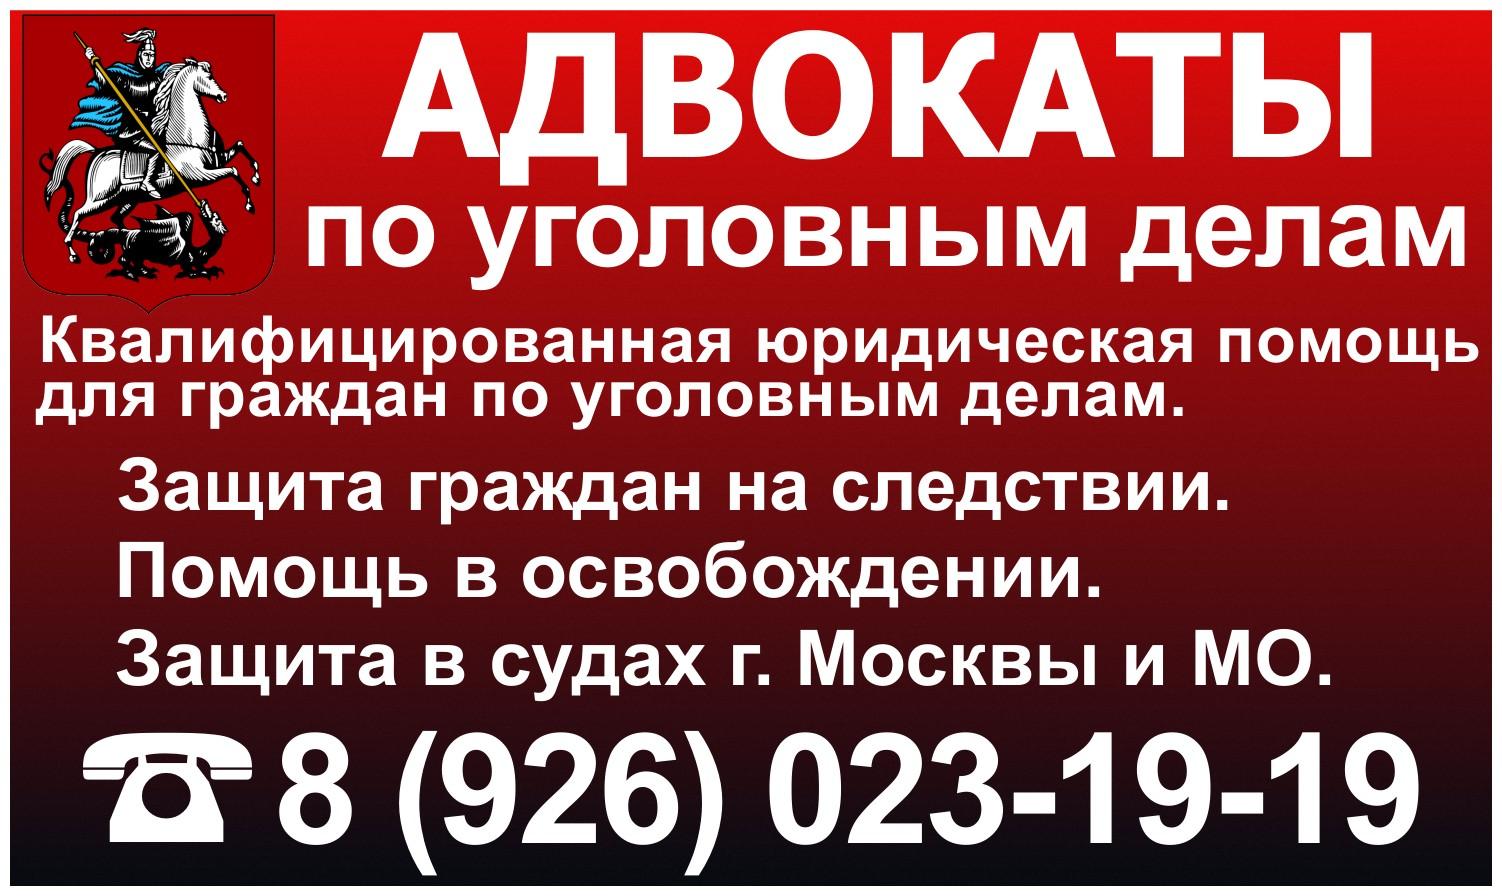 Официальный рейтинг юридических фирм и адвокатов, помогающих по уголовным делам в москве